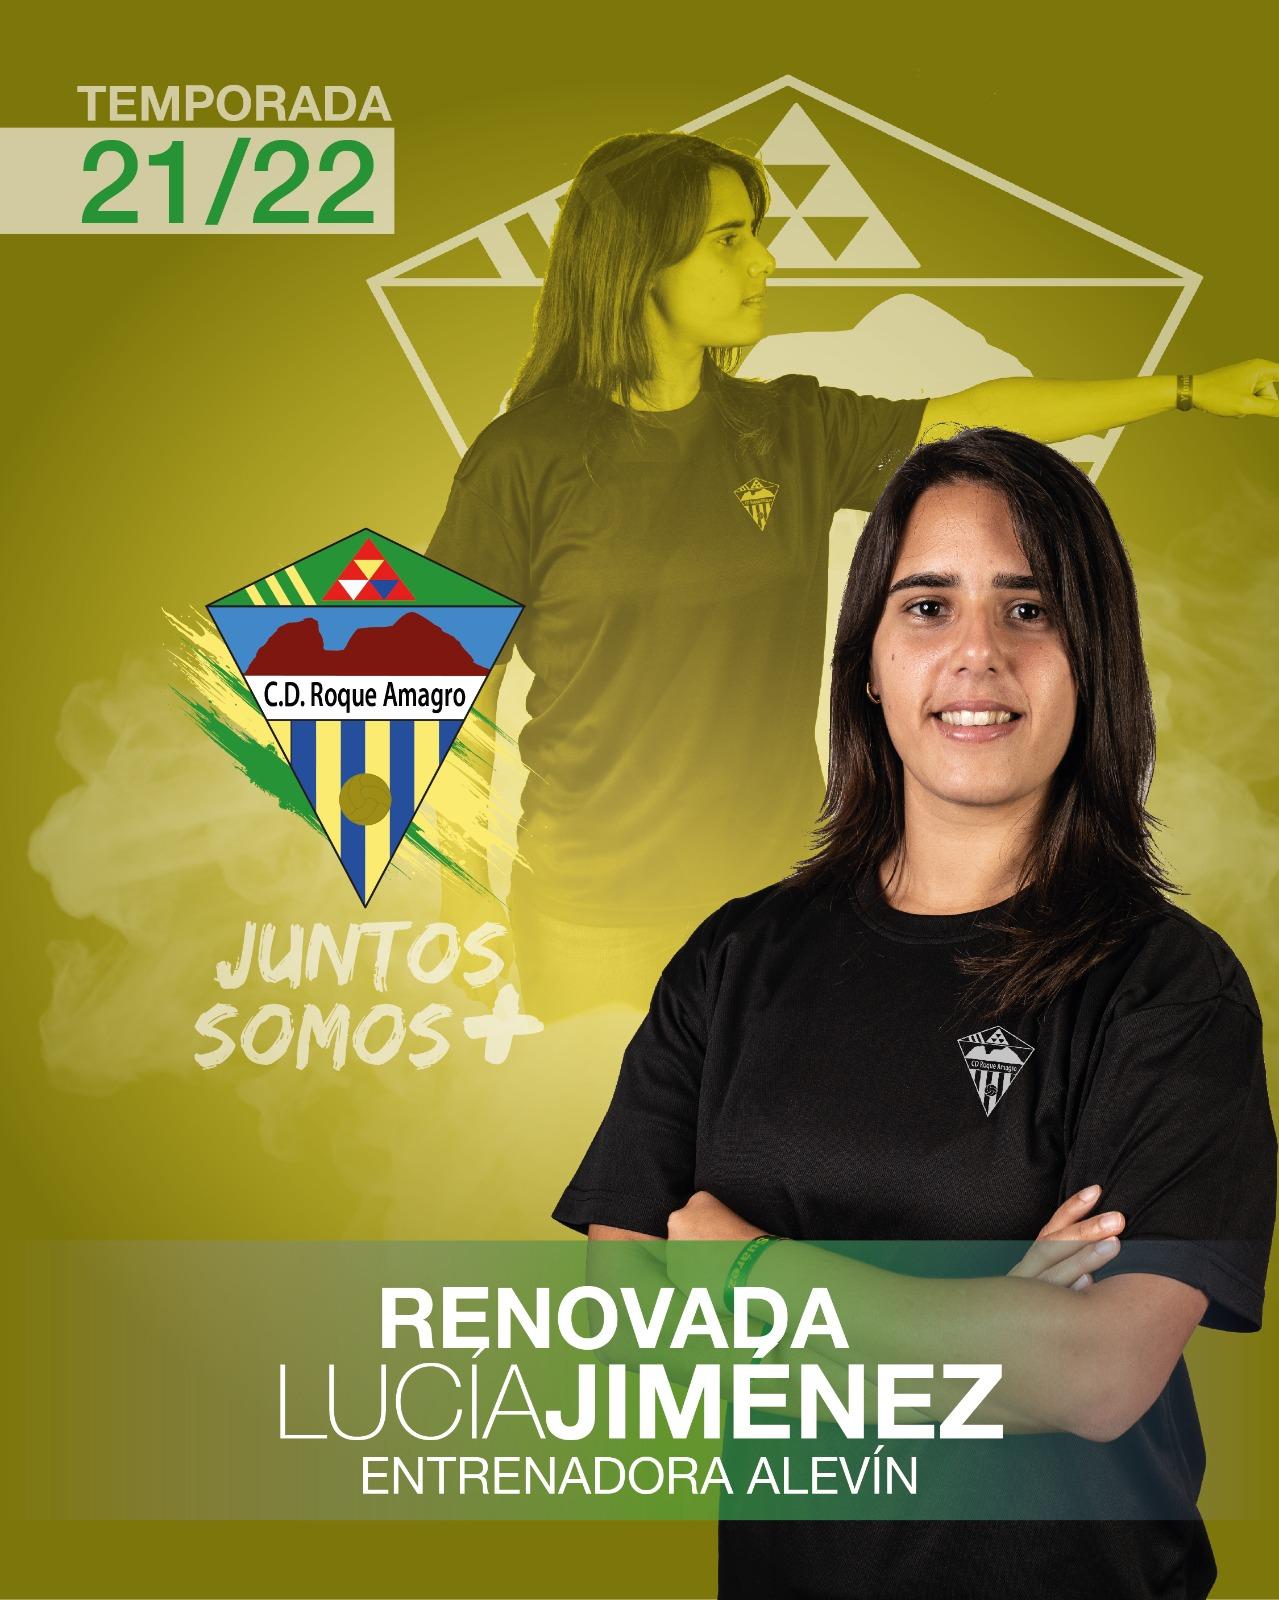 sdsLUCIA Jiménez Entrenadora del Equipo Alevín del Club Deportivo Roque Amagro